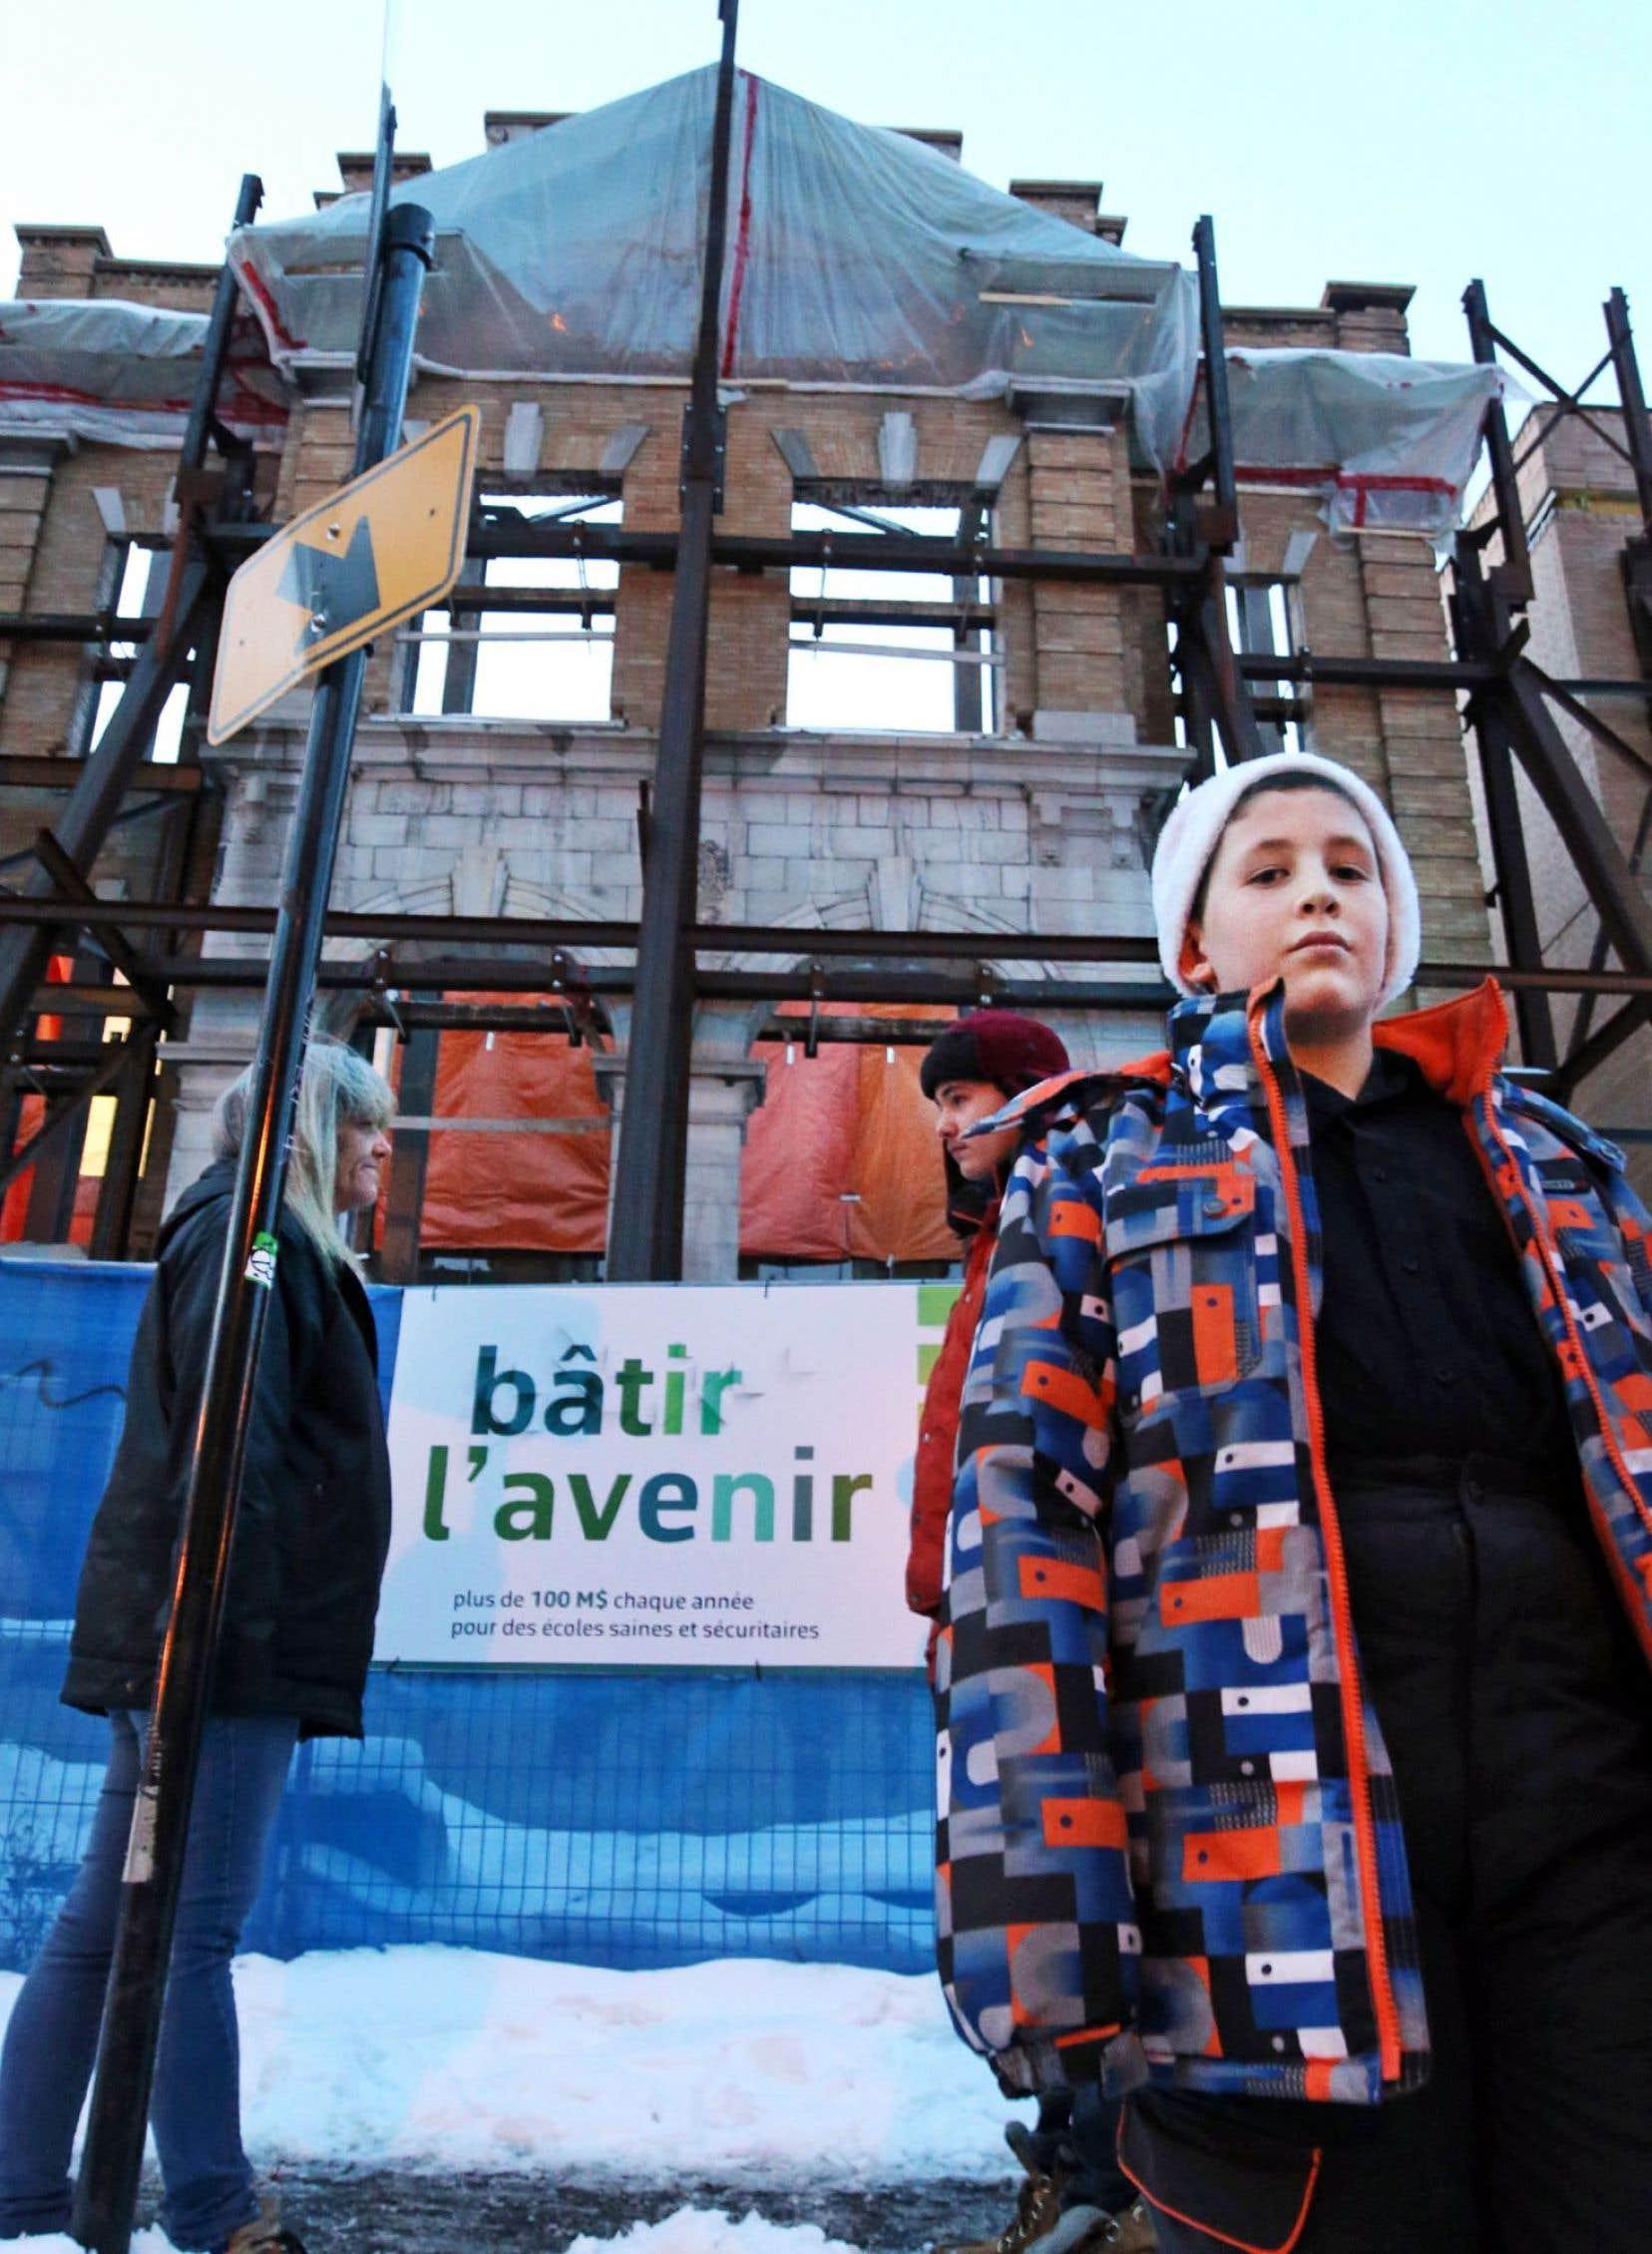 La reconstruction de l'école Baril n'est toujours pas terminée; les enfants d'Hochelaga-Maisonneuve doivent se rendre depuis 2011 dans un autre quartier que le leur pour fréquenter l'école primaire, dans des conditions qui ne favorisent pas la réussite scolaire, selon plusieurs intervenants.